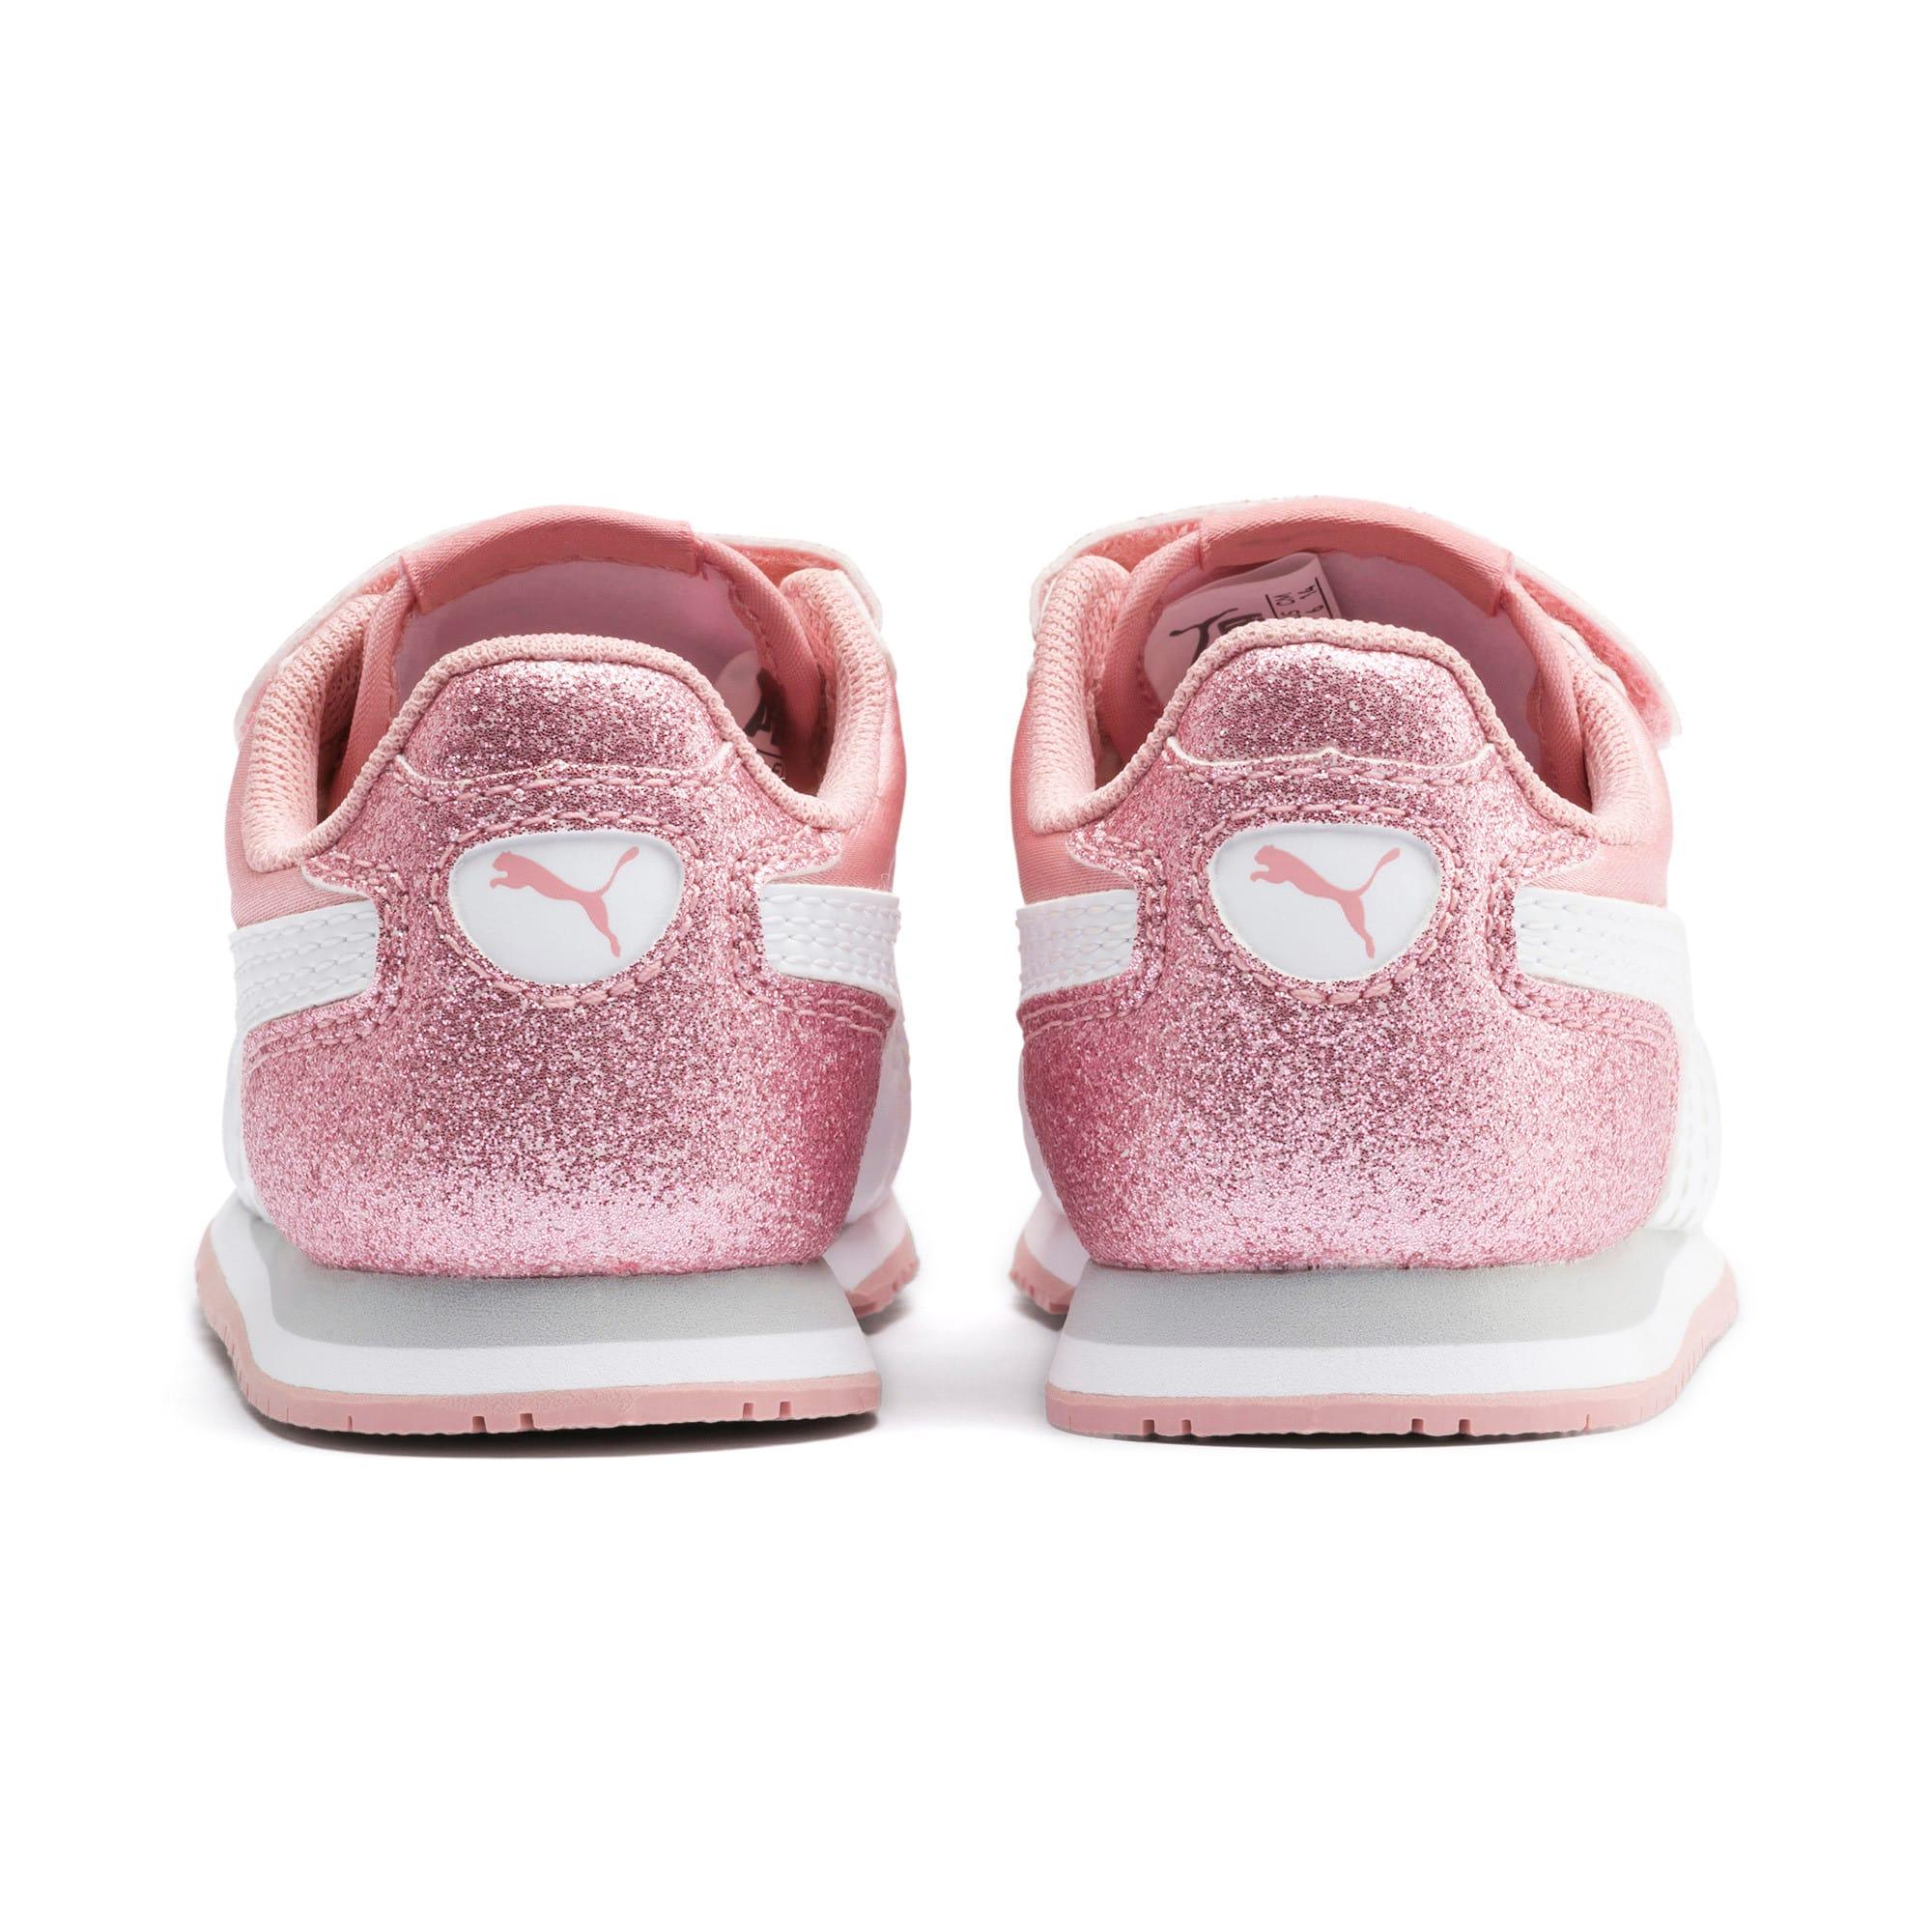 Miniatura 3 de Zapatos Cabana Racer Glitz AC INF, Bridal Rose-Puma White, mediano